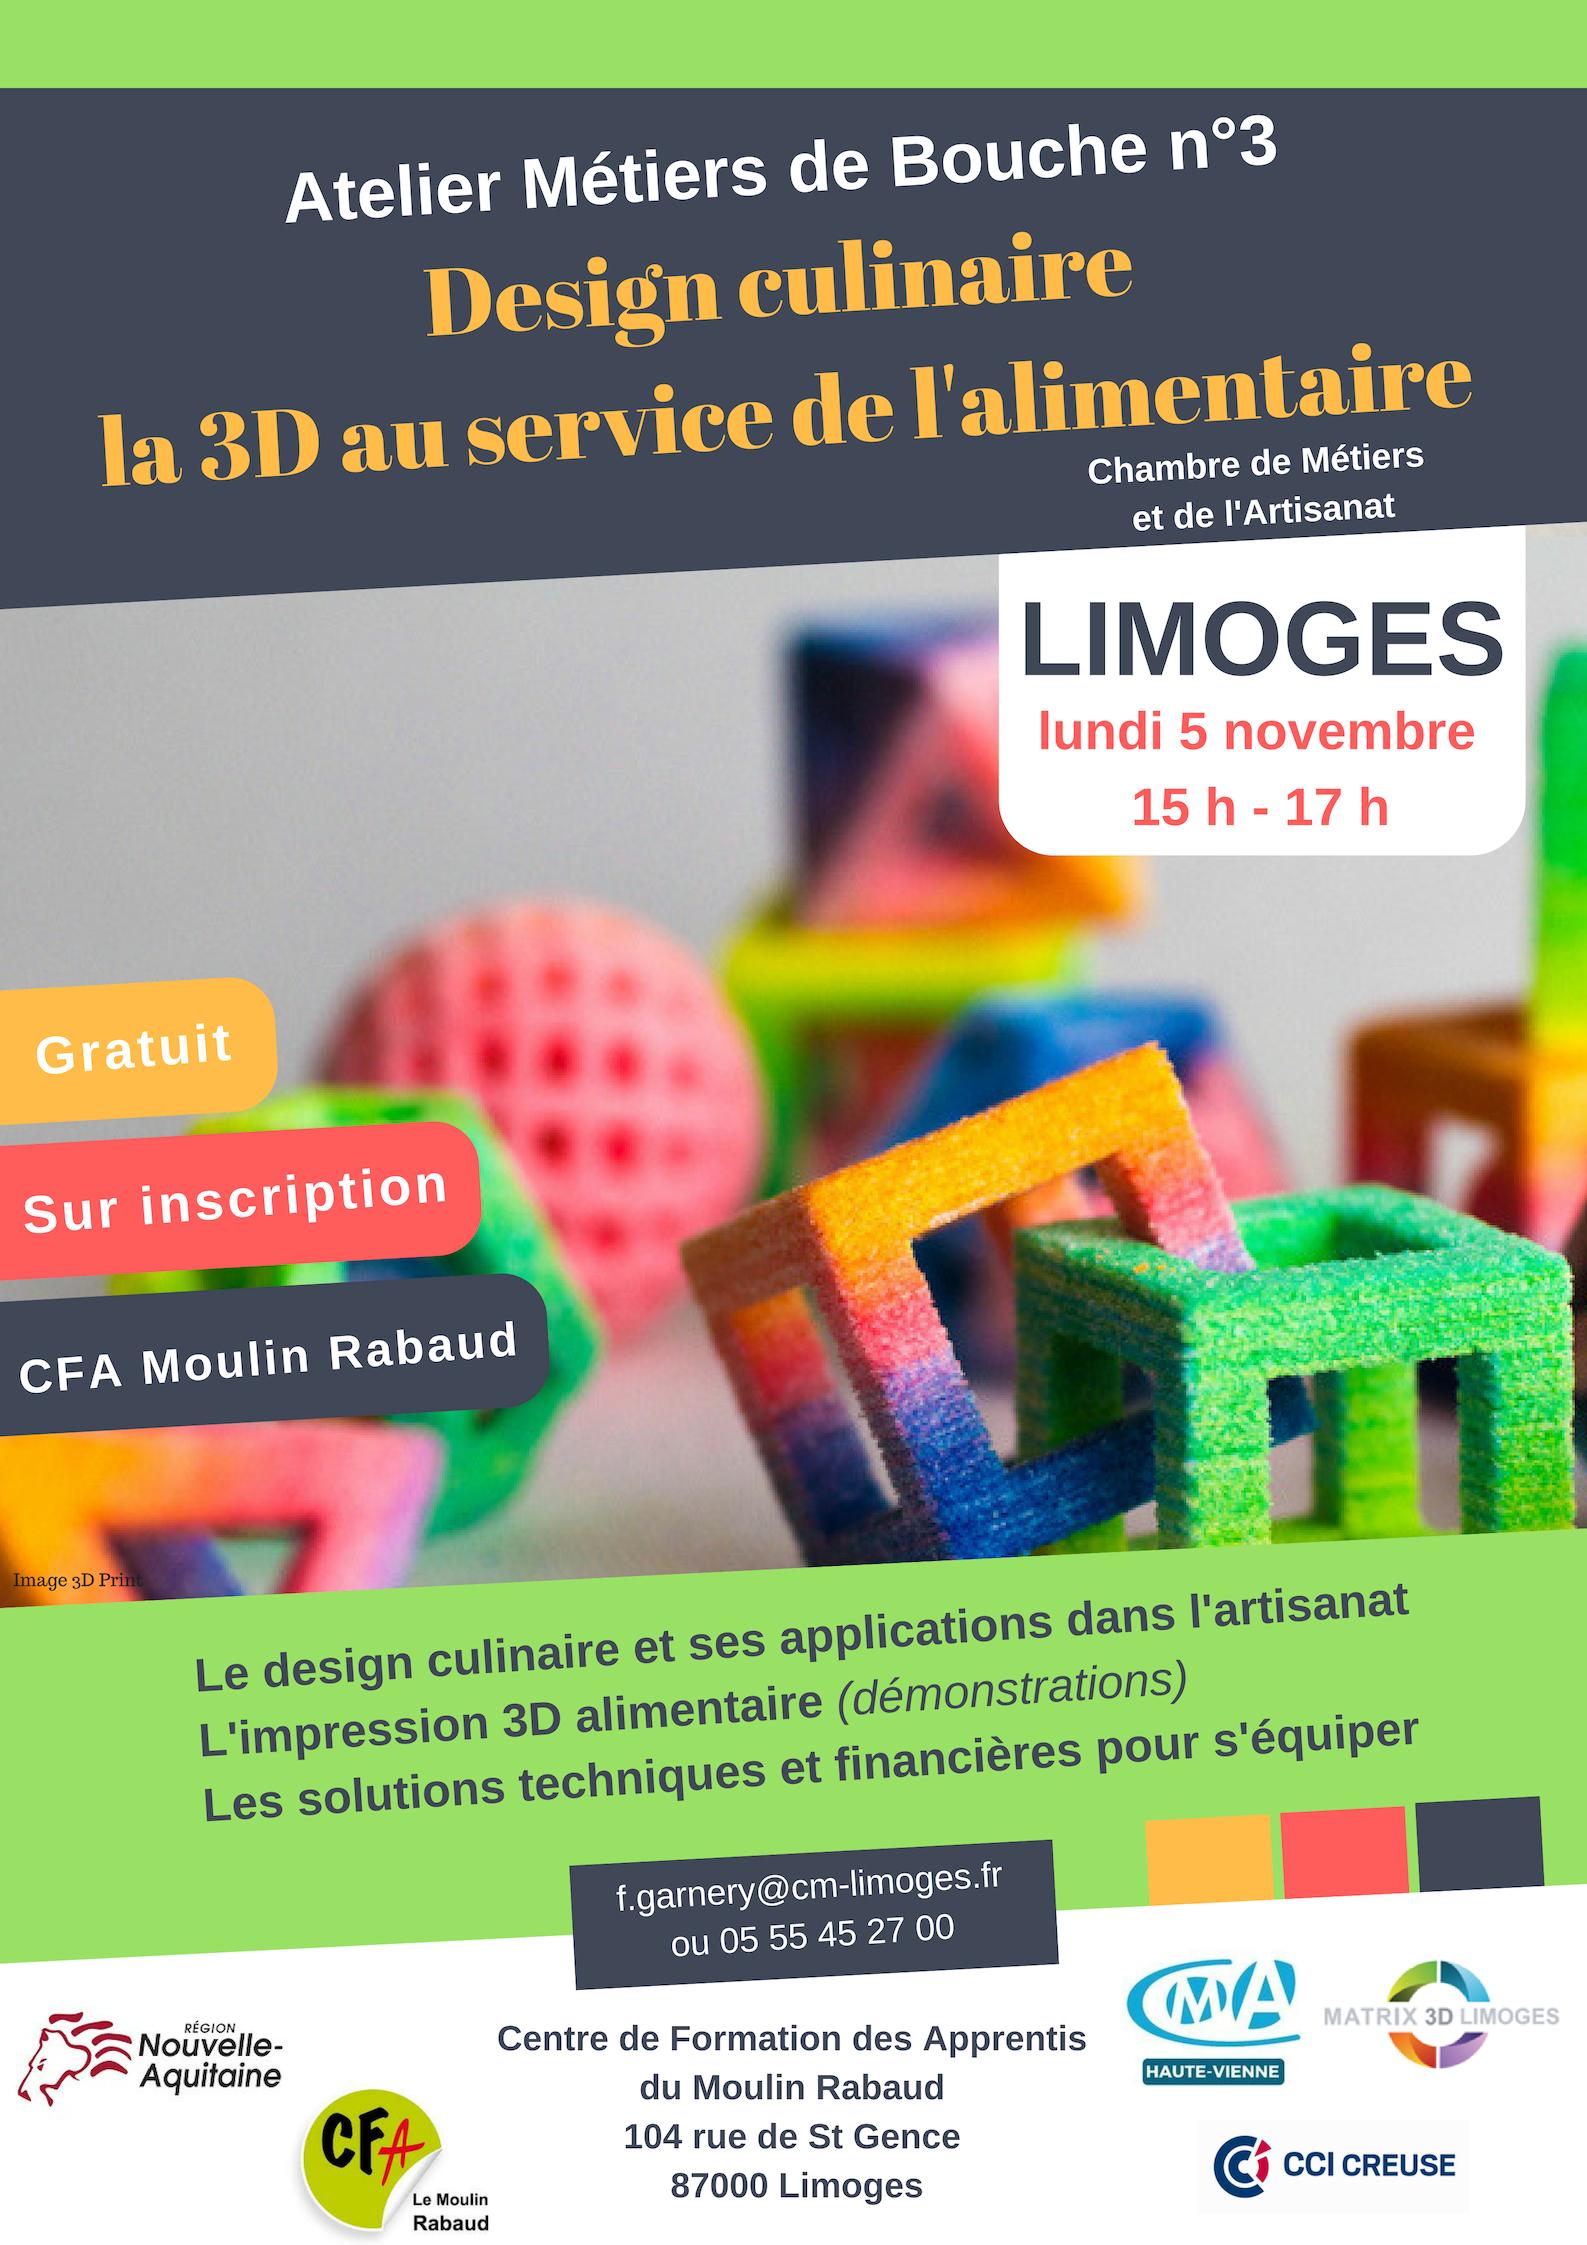 Design Culinaire, la 3D au service de l'alimentaire le 5 novembre au CFA Le Moulin Rabaud !